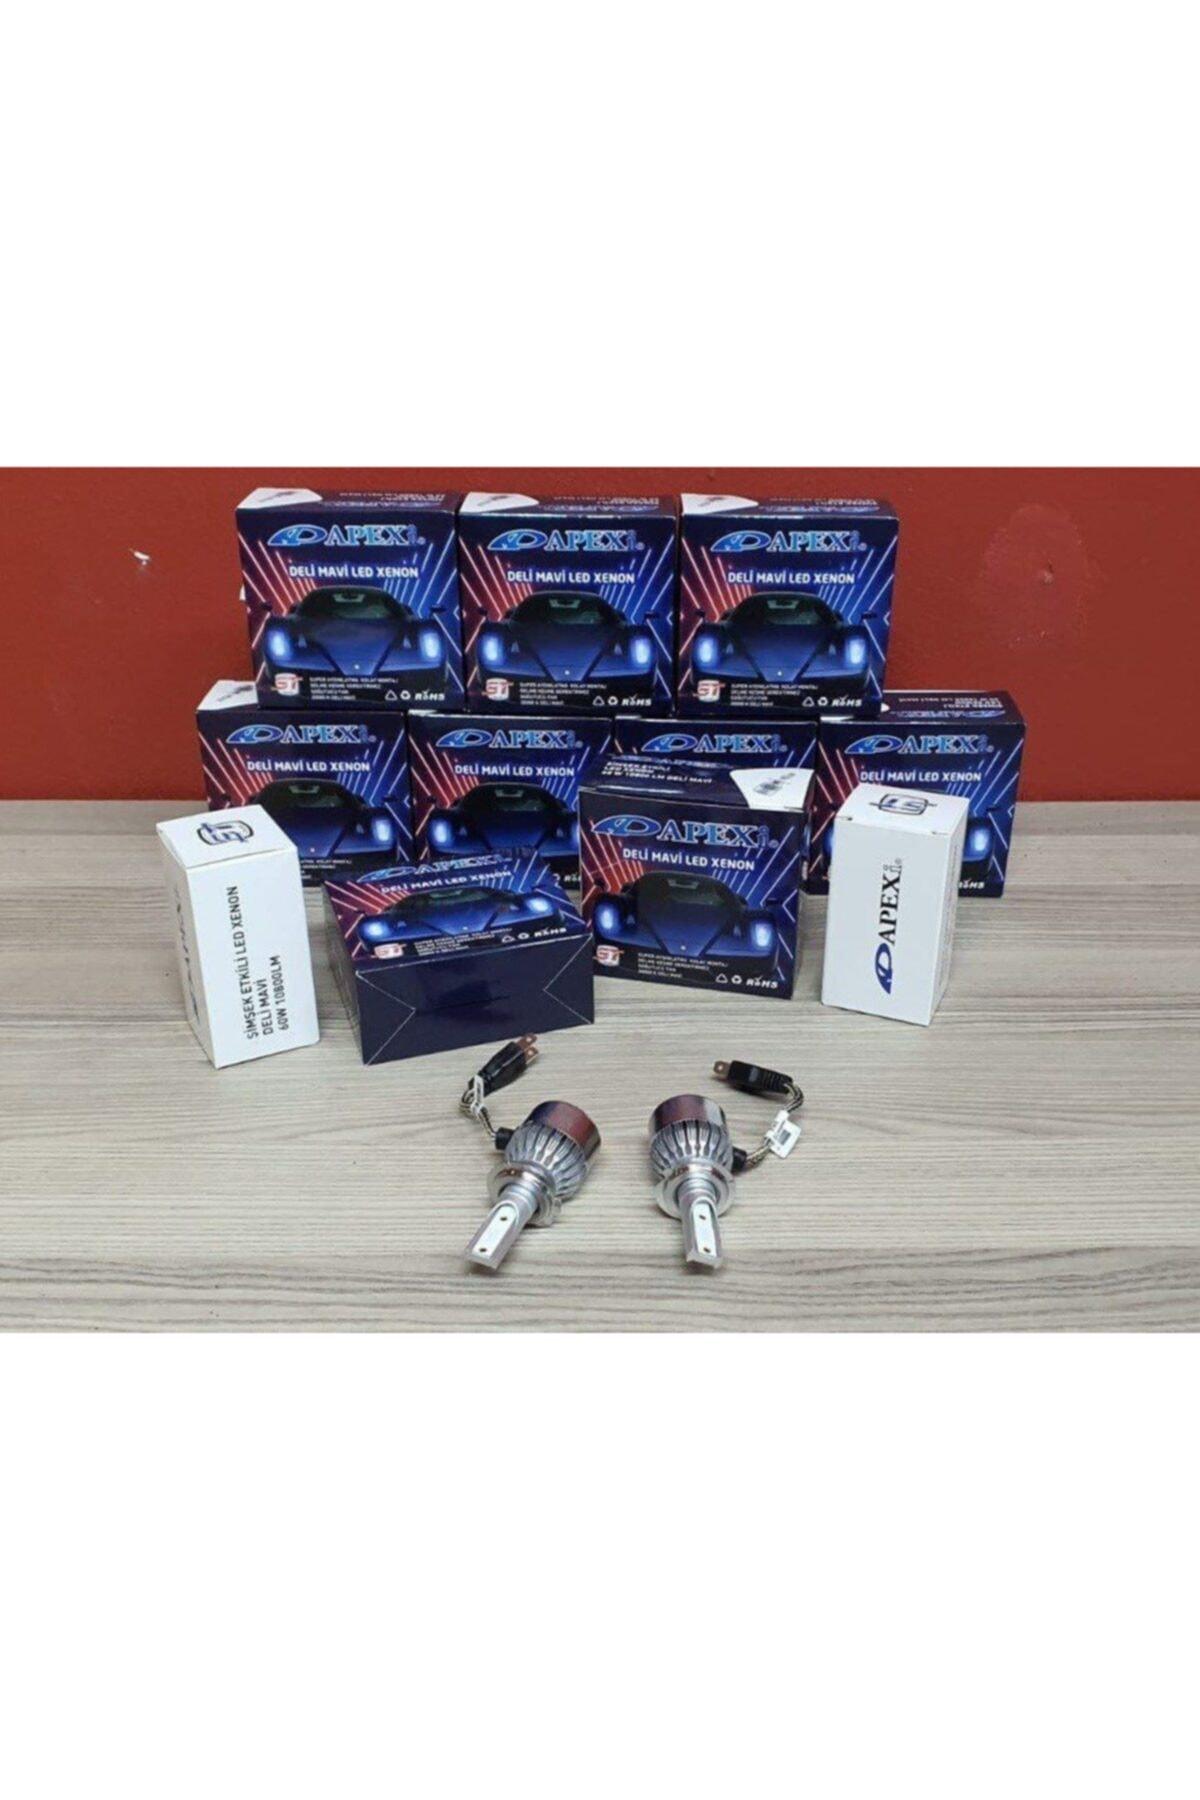 Zenon H11 Deli Mavi Led Xenon-şimşek Etkili-10800 Lm 60w Yüksek Aydınlatma Gücü